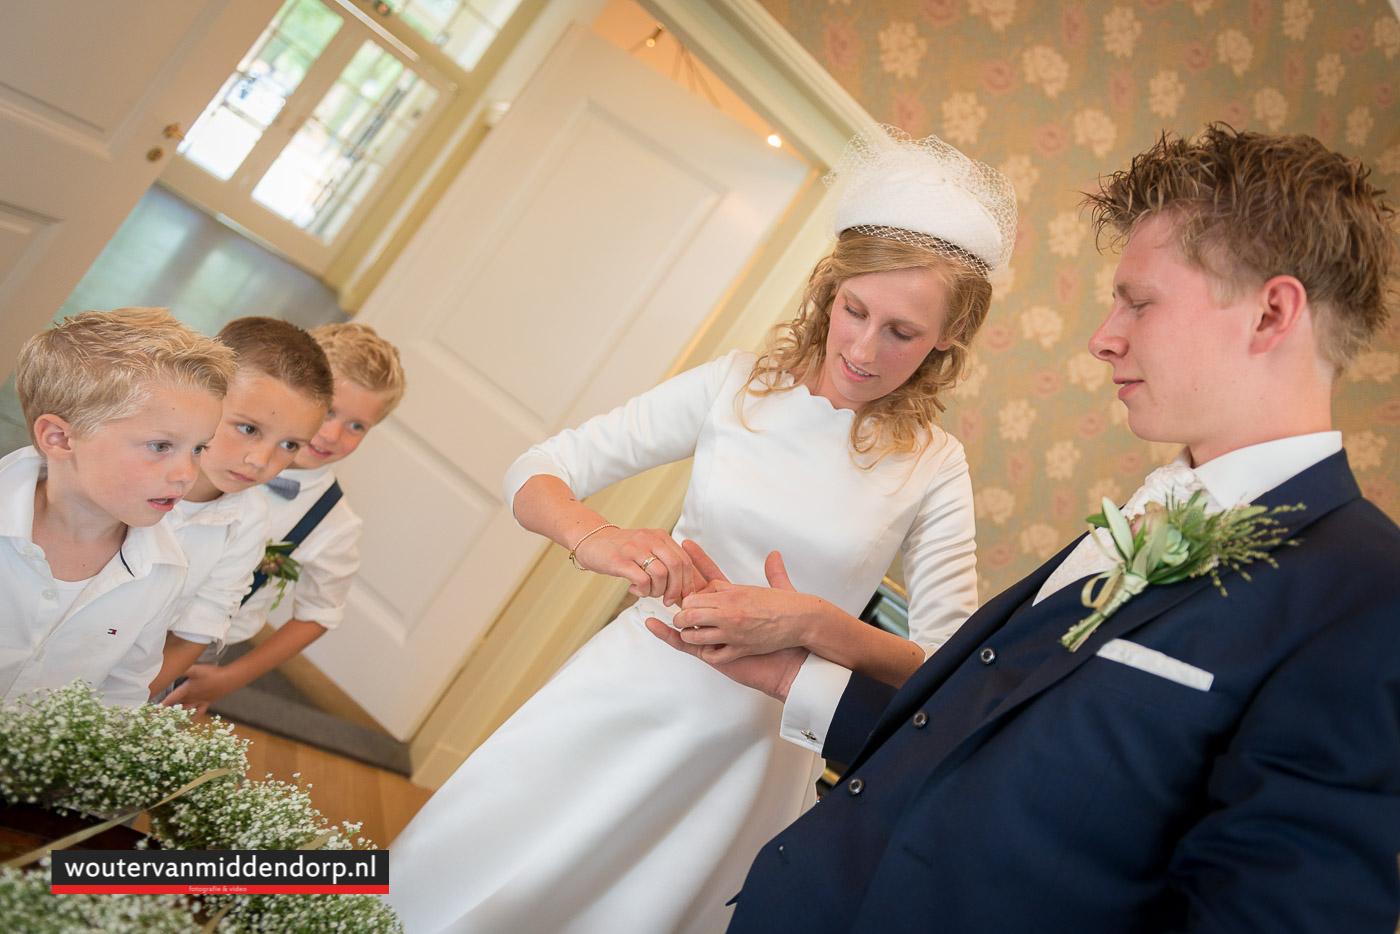 bruidsfotografie Wouter van Middendorp Uddel, Harskamp, Lunteren, Barneveld, fotograaf-25